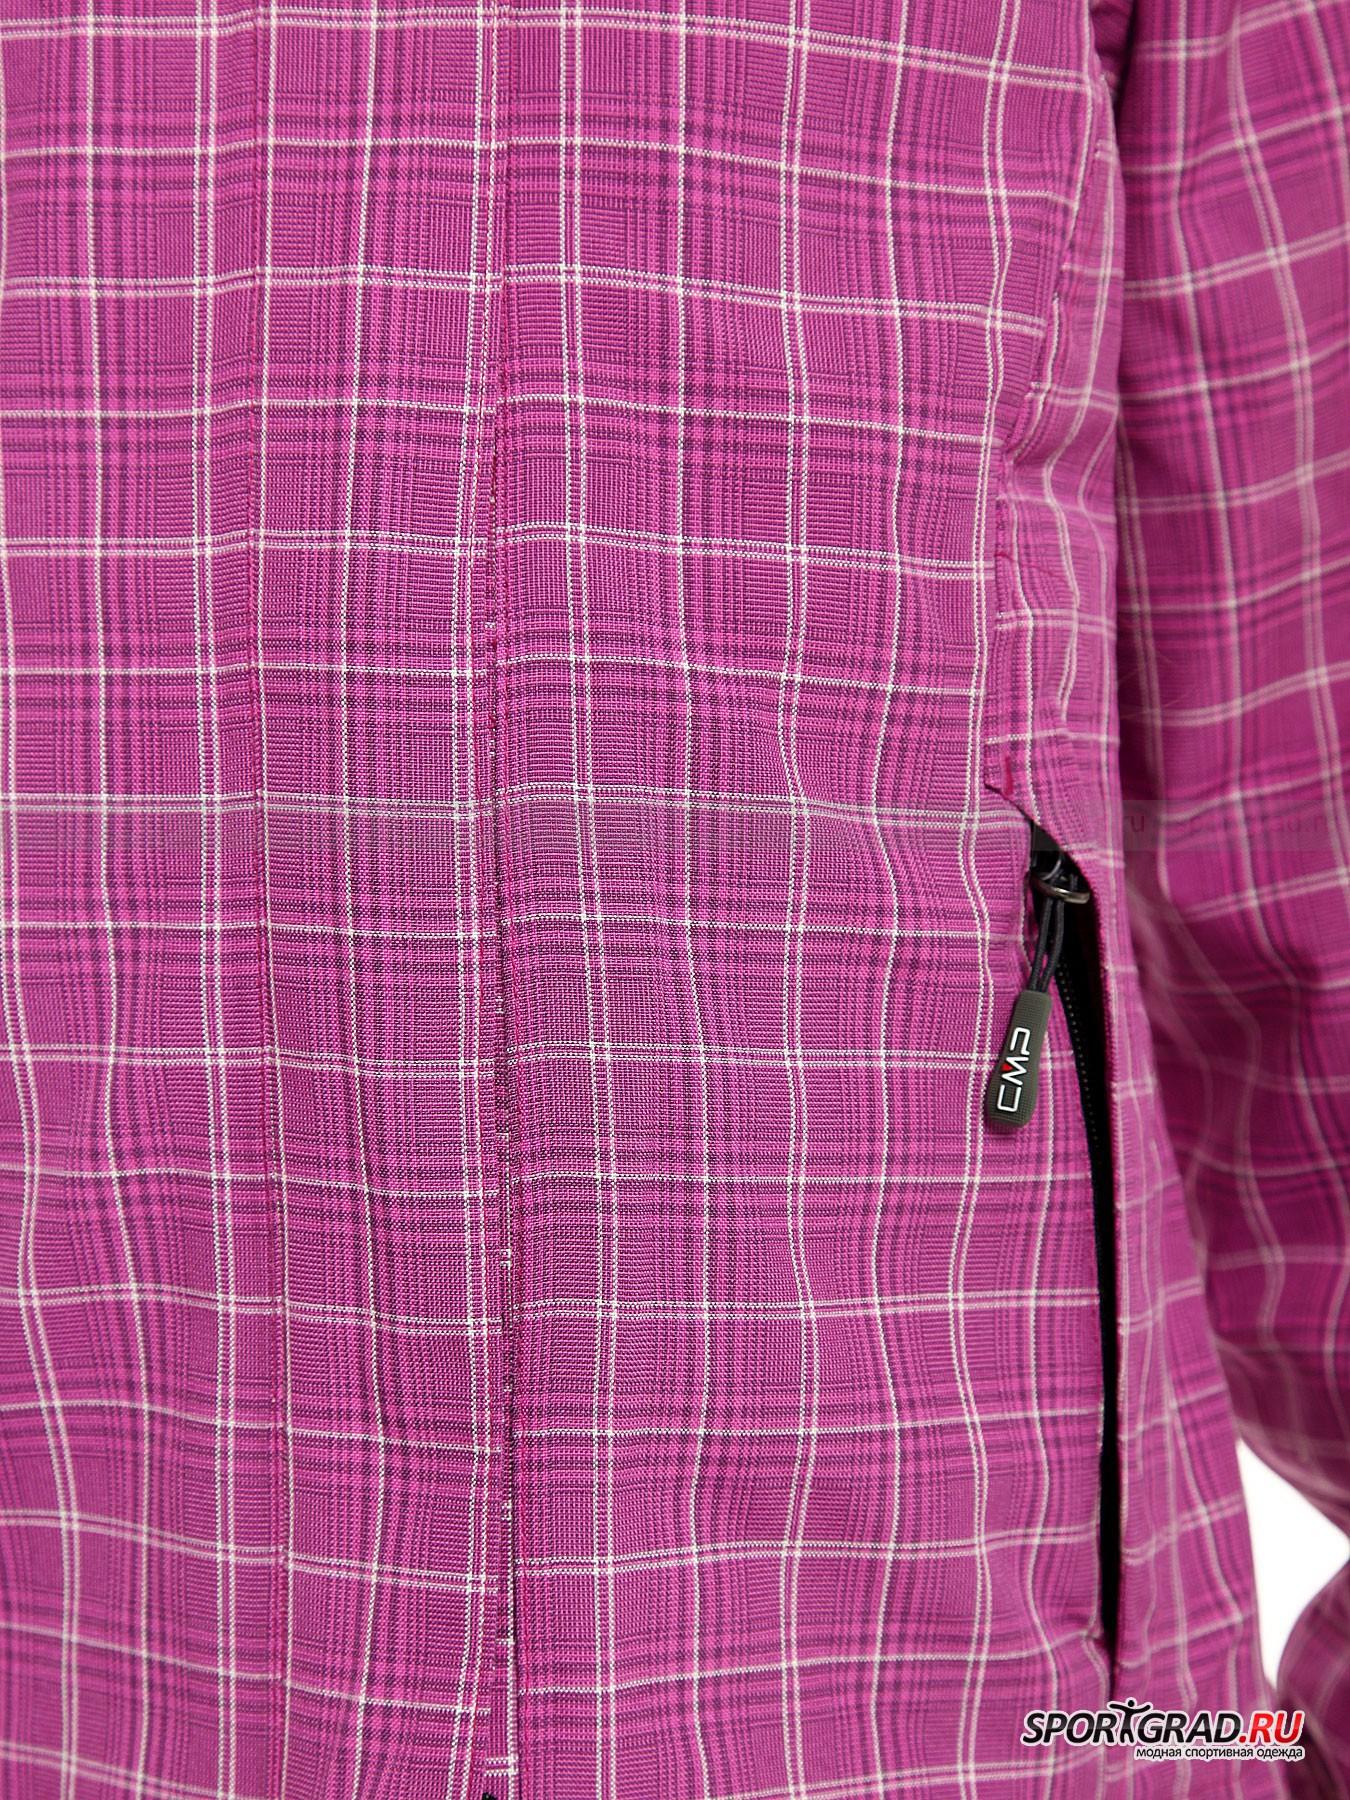 Куртка детская демисезонная CAMPAGNOLO от Спортград